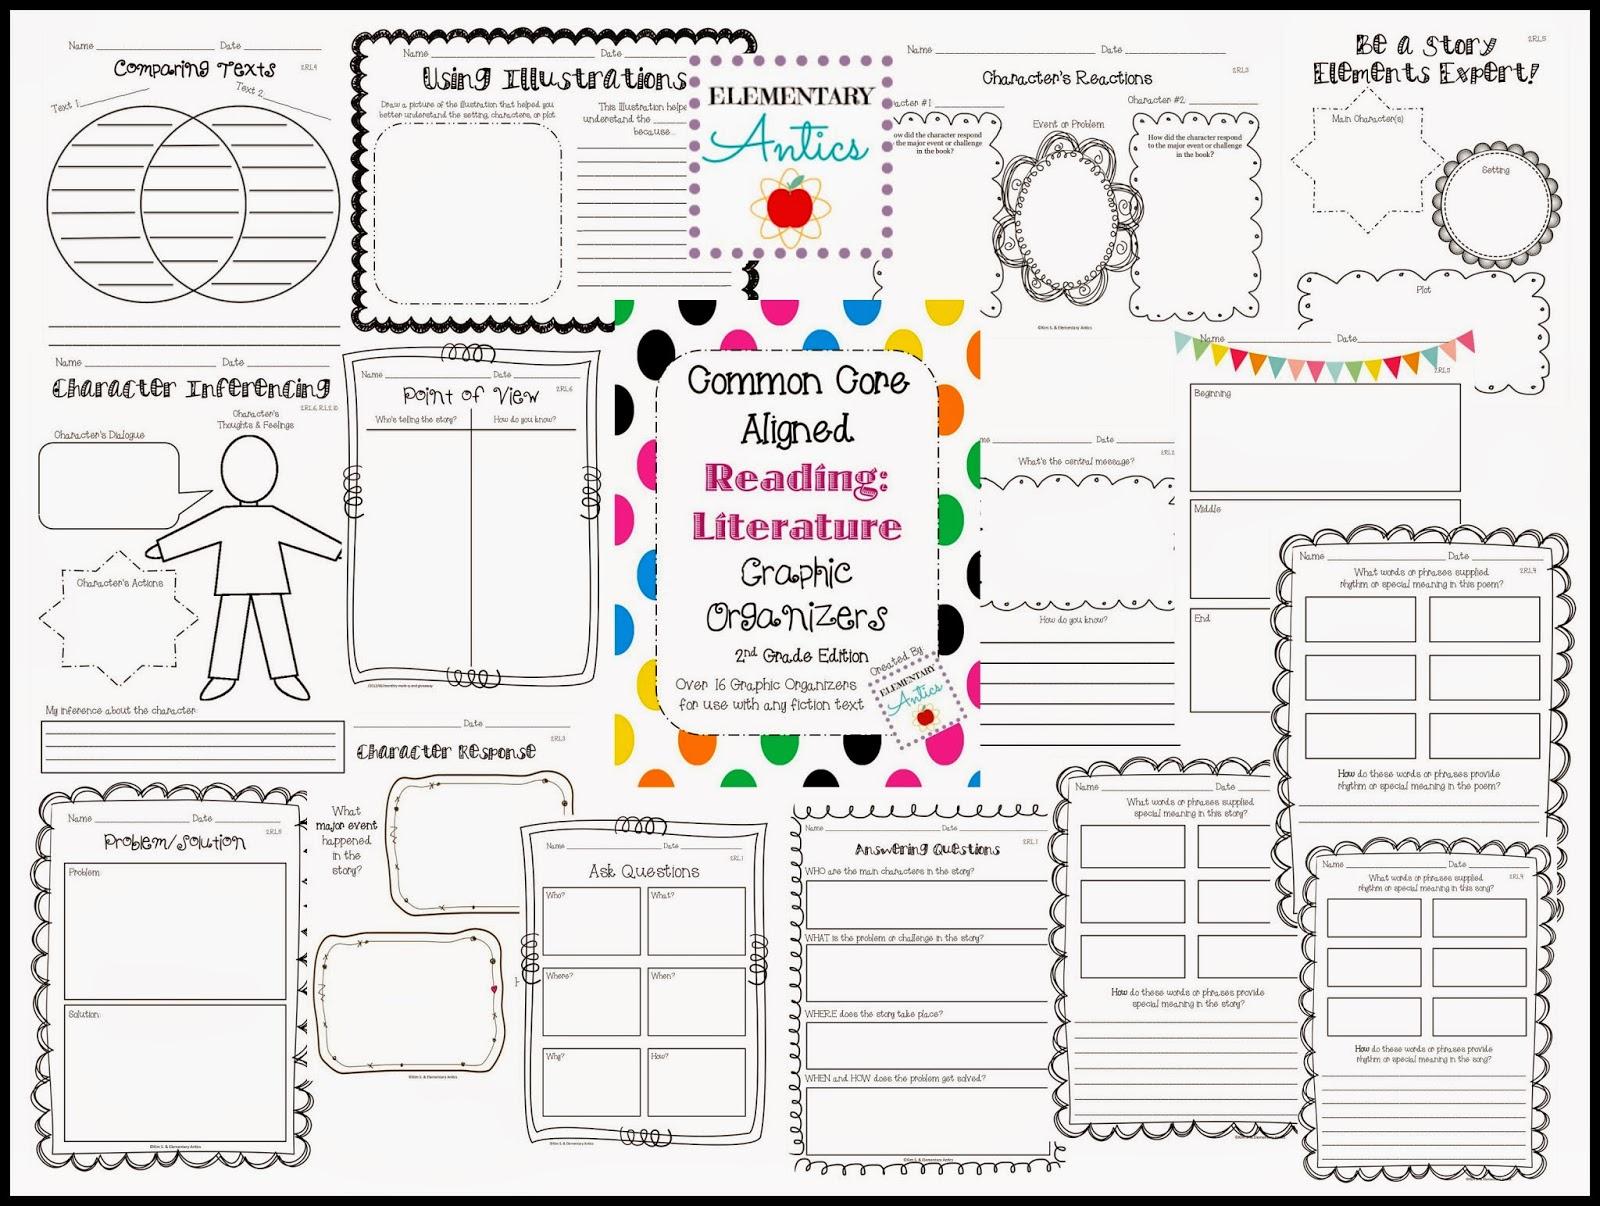 Reading Literature Graphic Organizers- all Common Core aligned